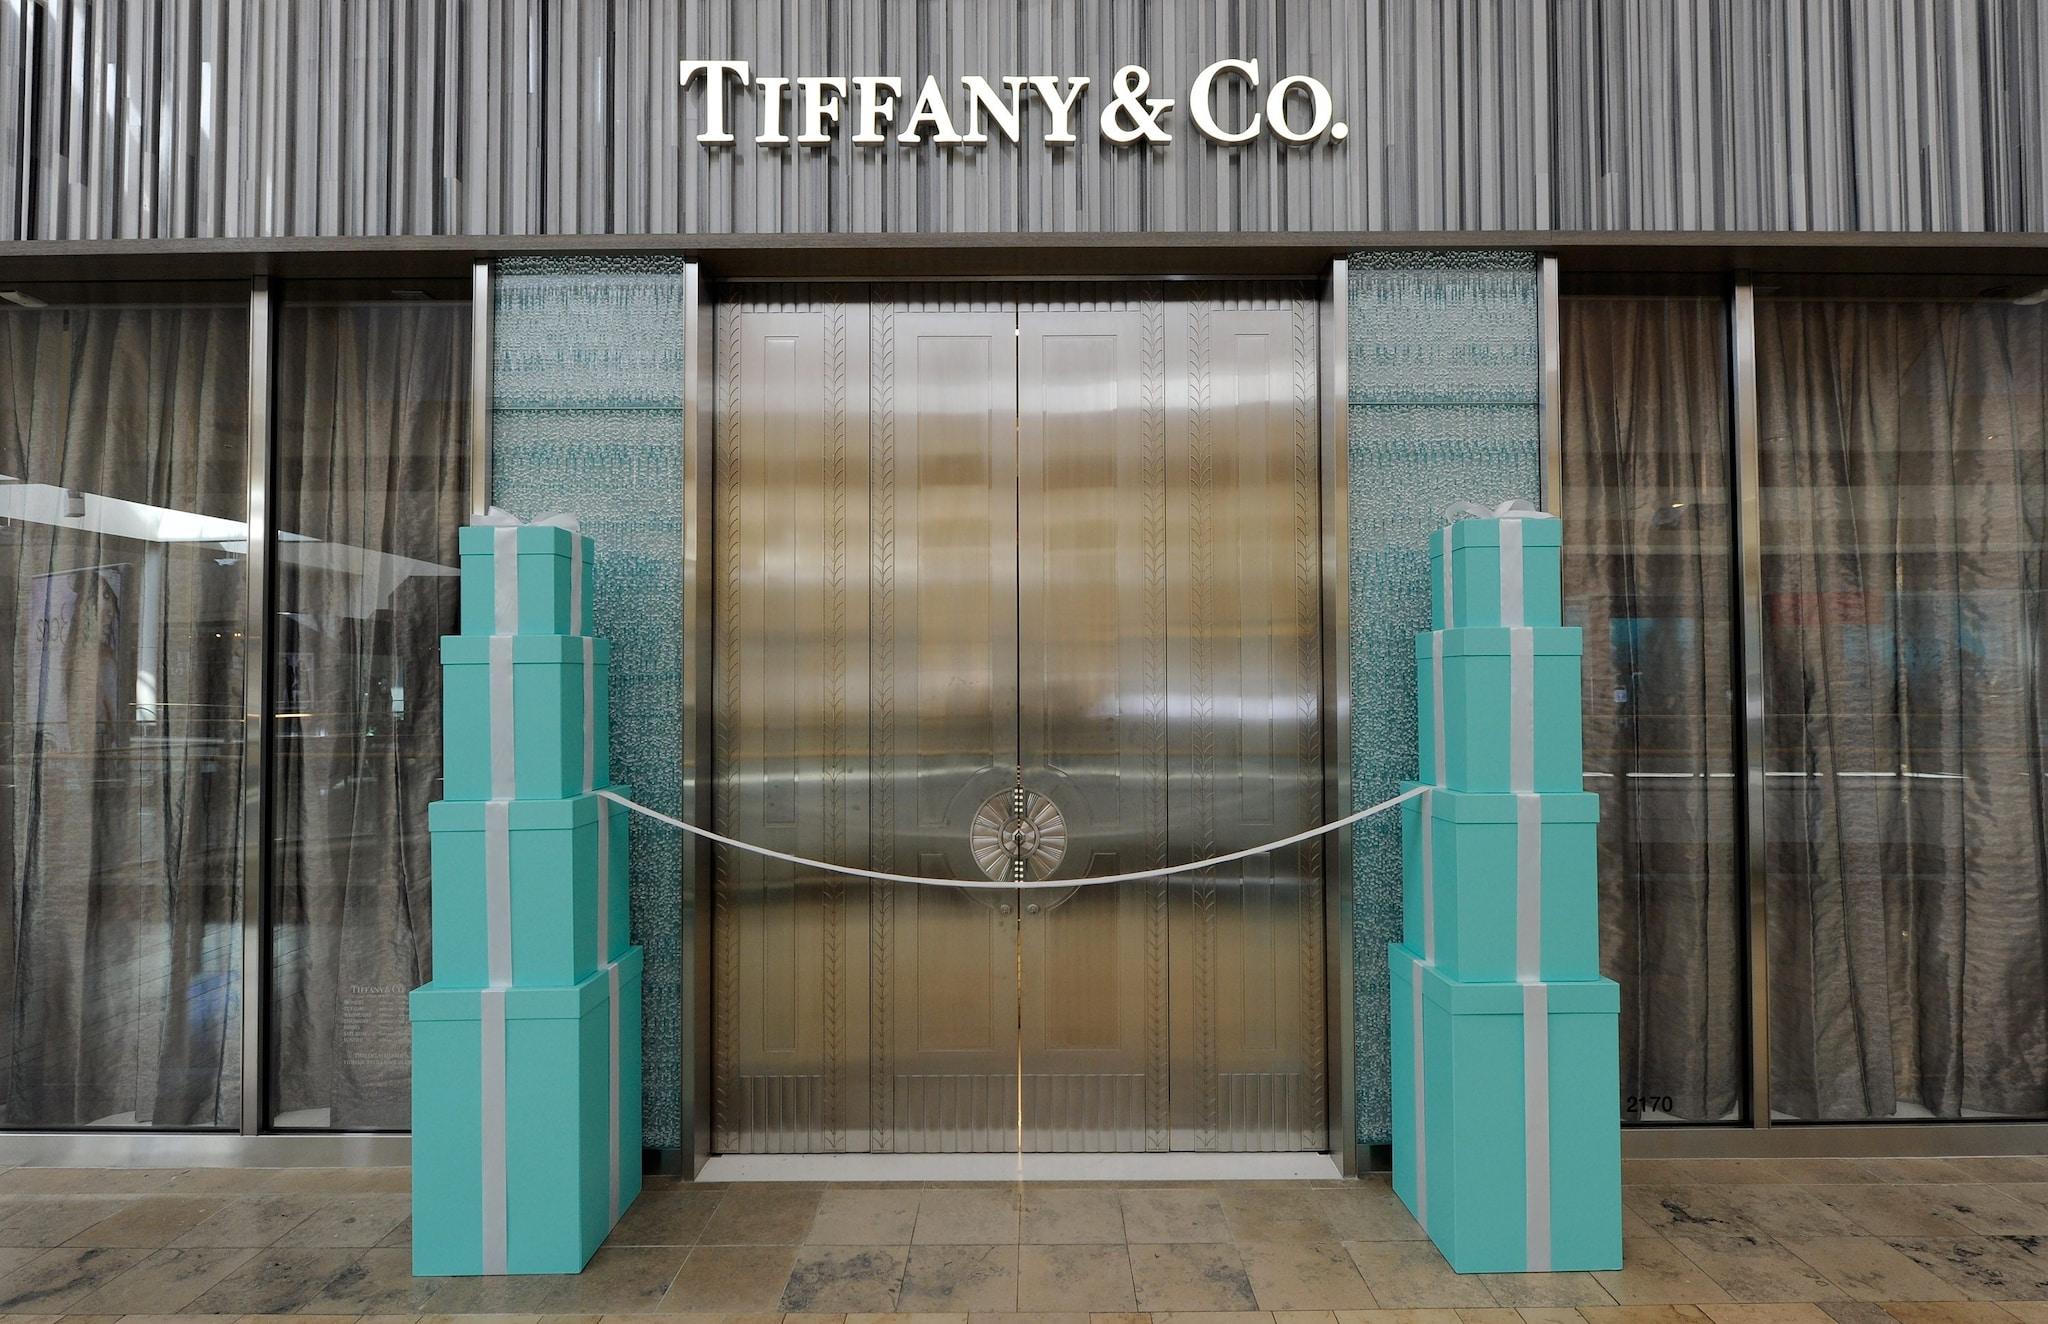 La celebre boutique Tiffany&Co.